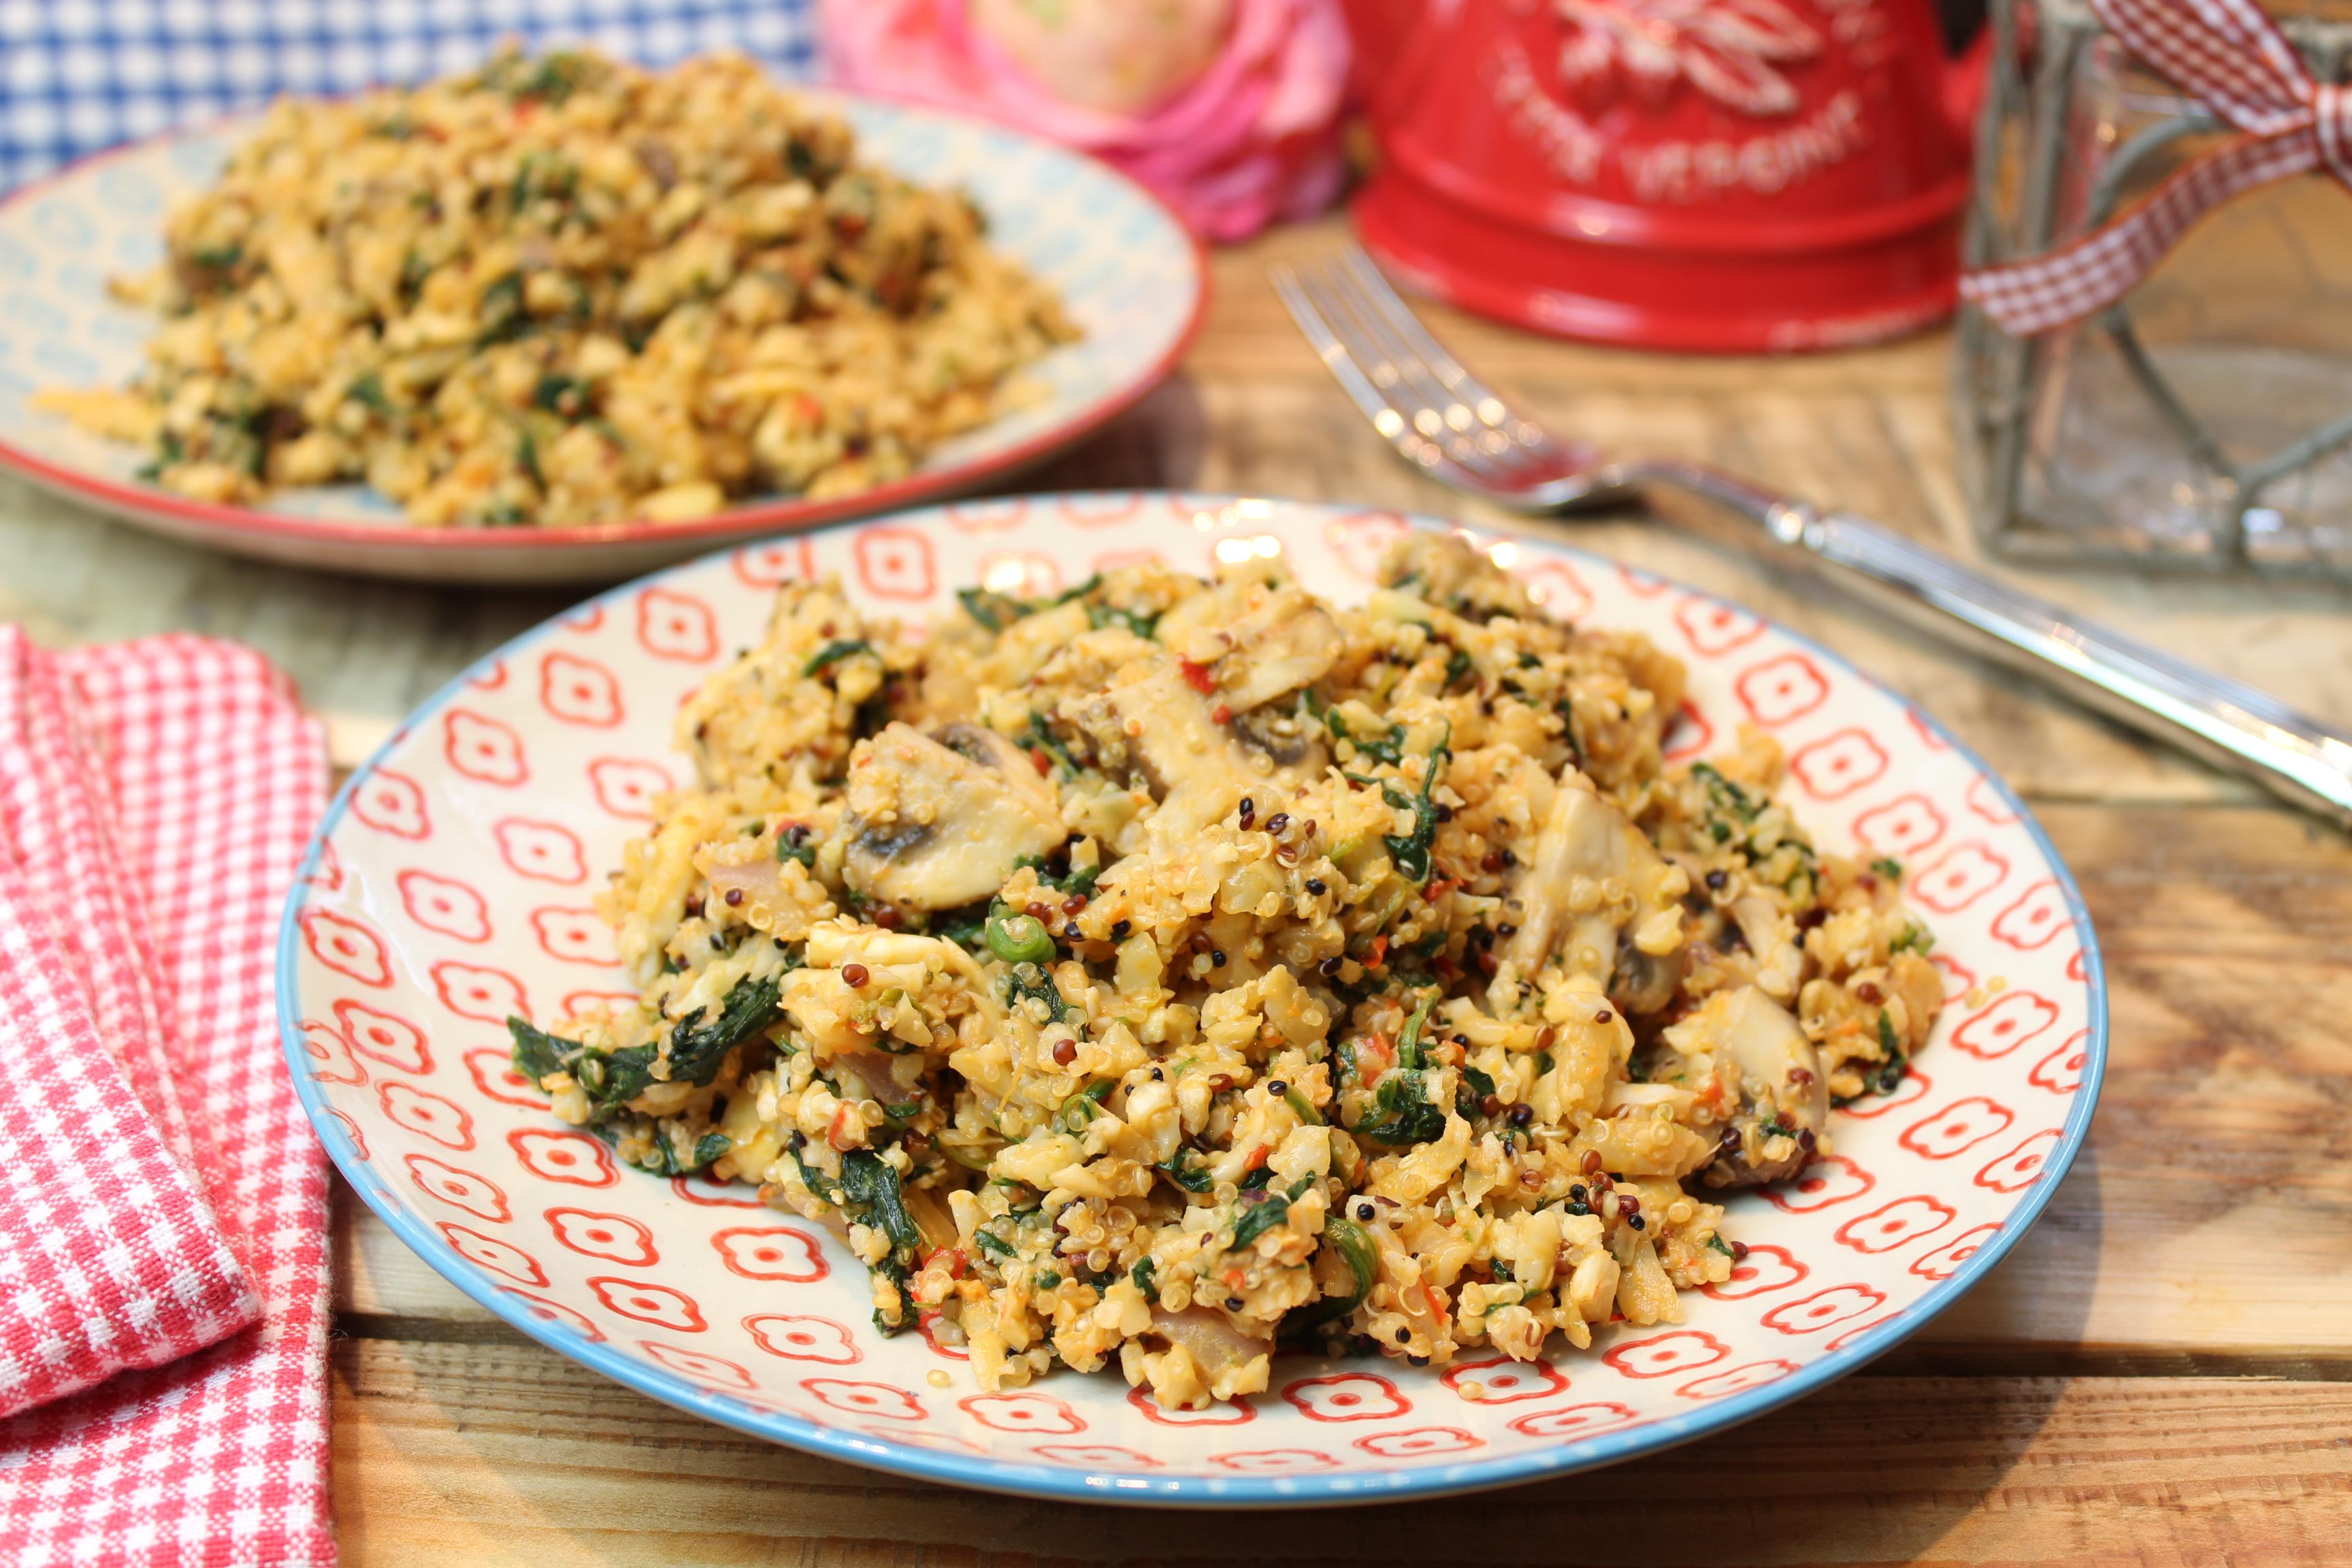 Quinoa-Blumisotto